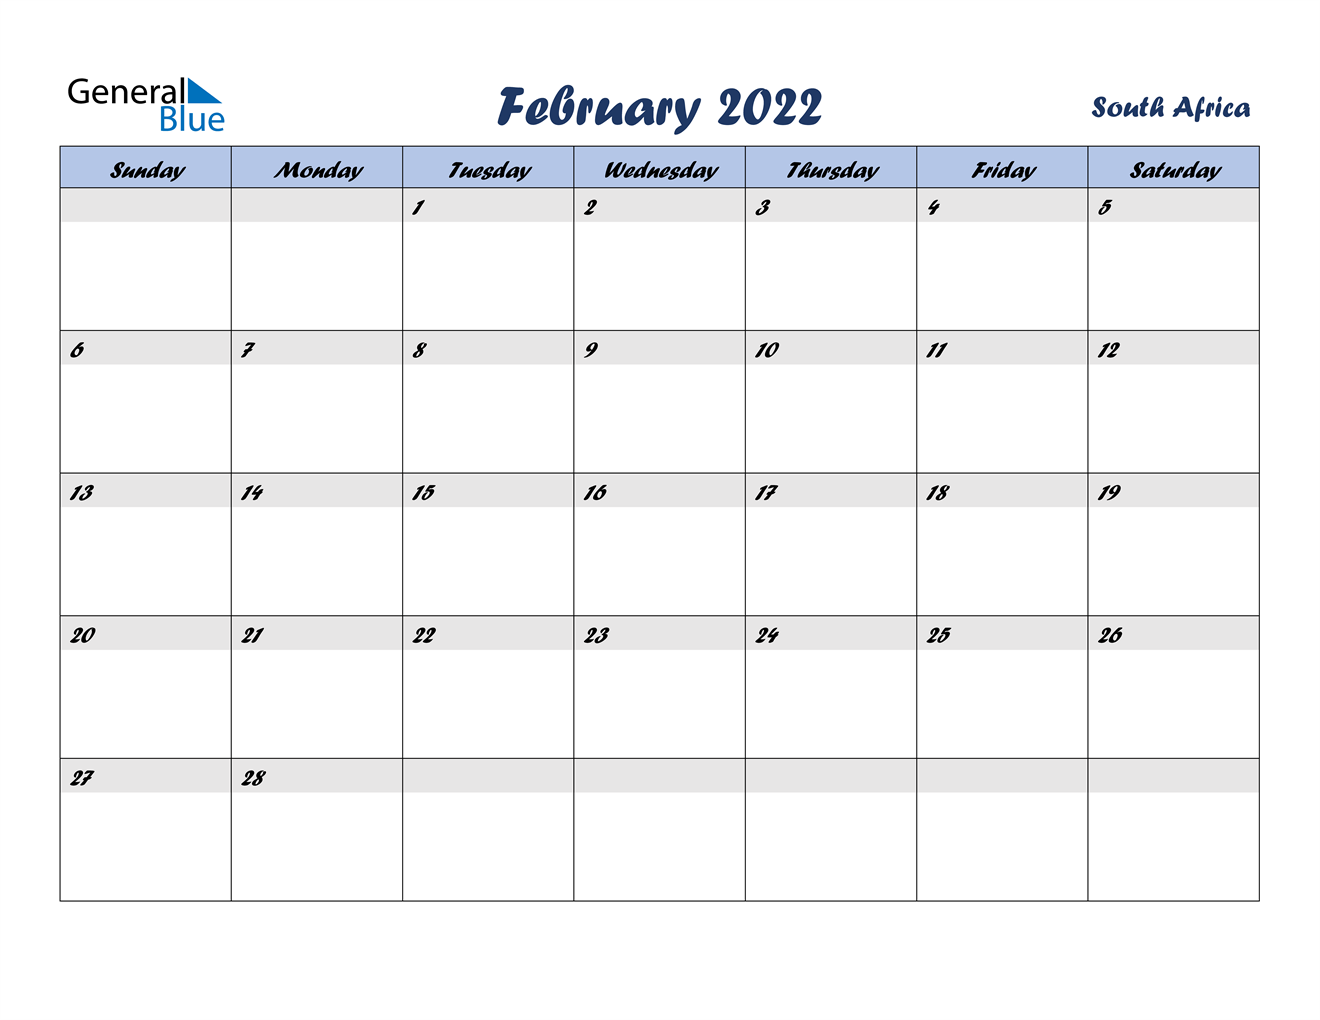 February 2022 Calendar – South Africa Regarding Printable Calendar February 2022